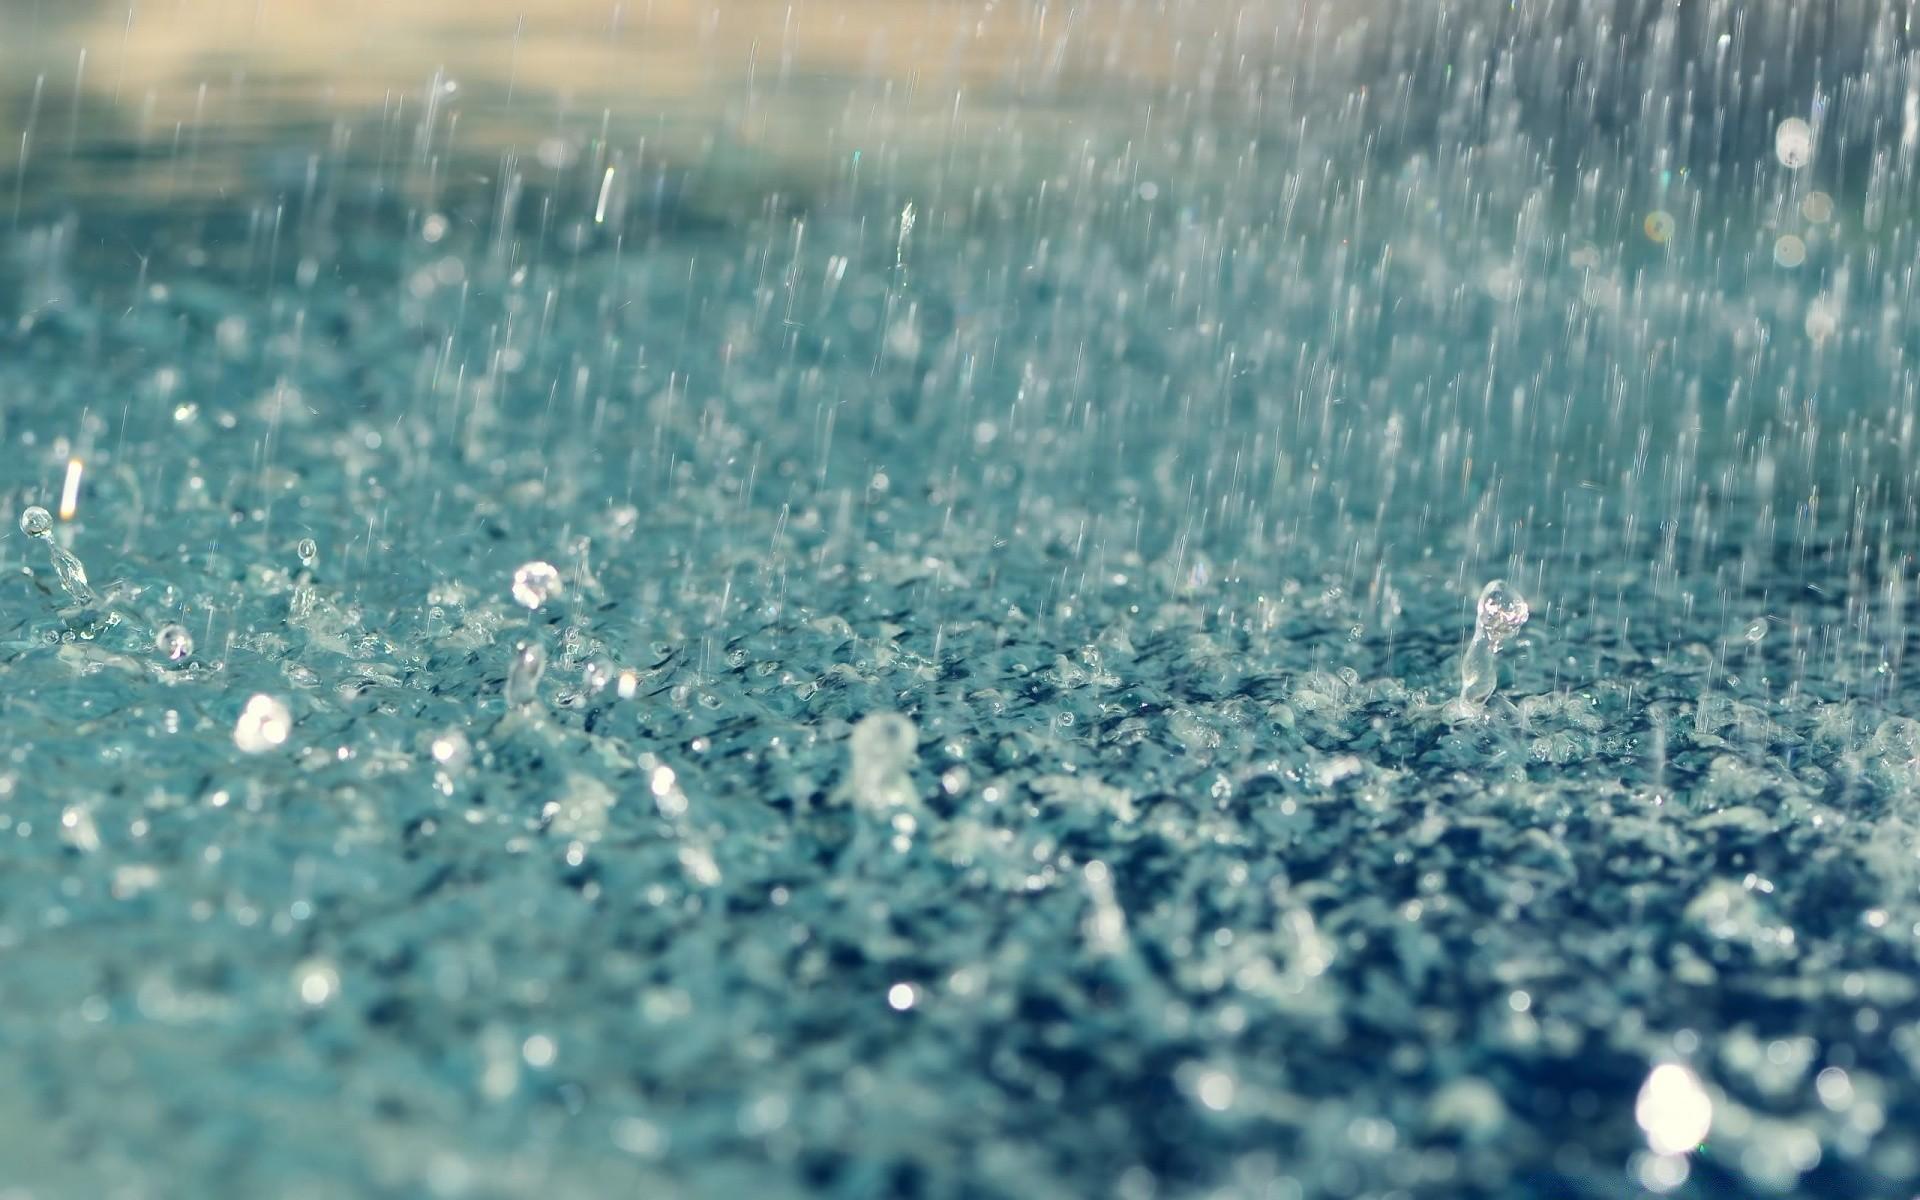 Обои на рабочий стол зеленая трава идет дождь на стекле